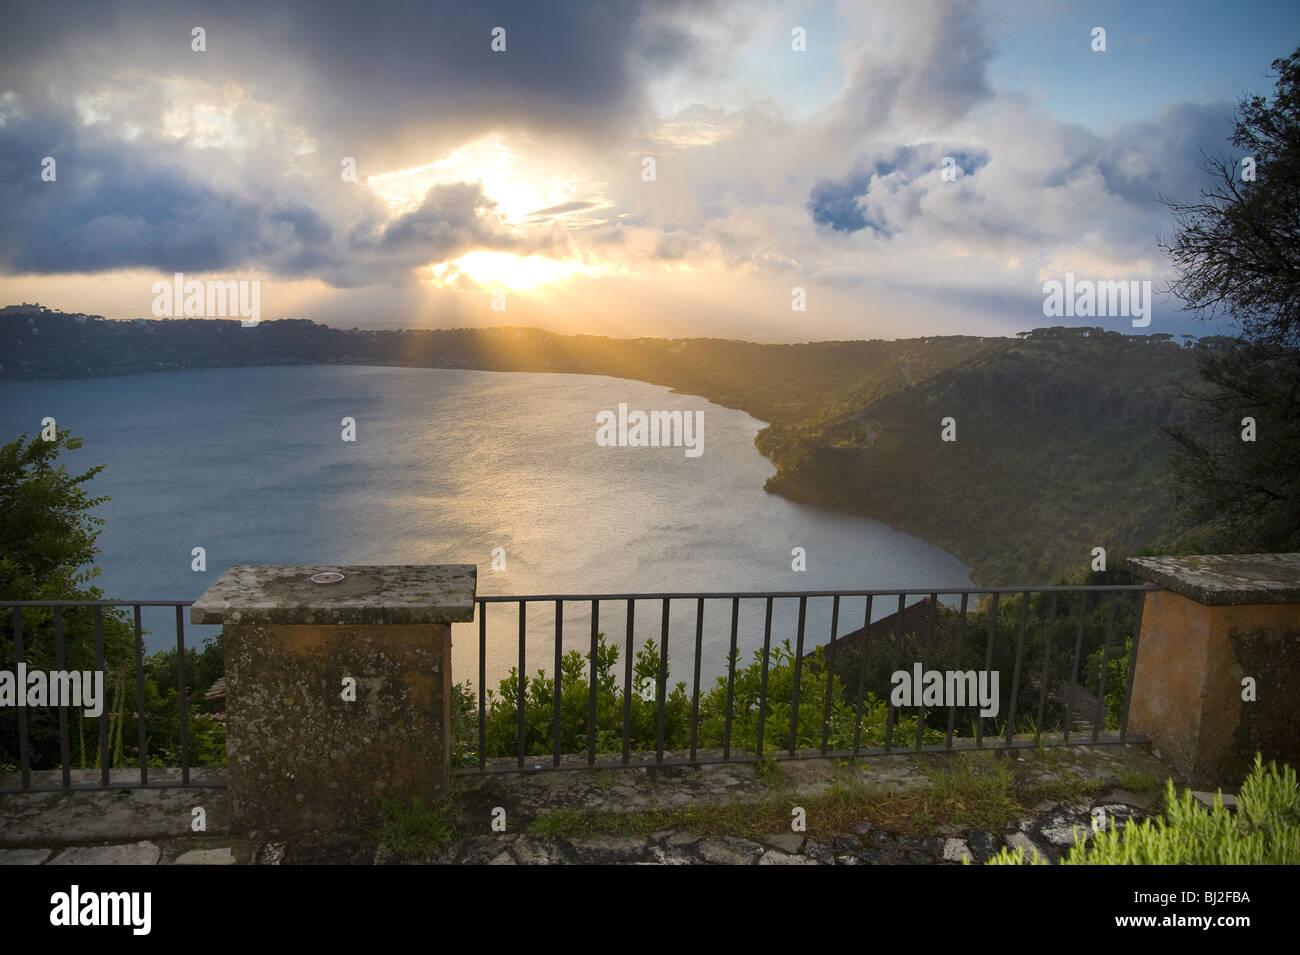 Puesta de sol sobre el lago Lago di Castel Gandolfo, Italia. Imagen De Stock